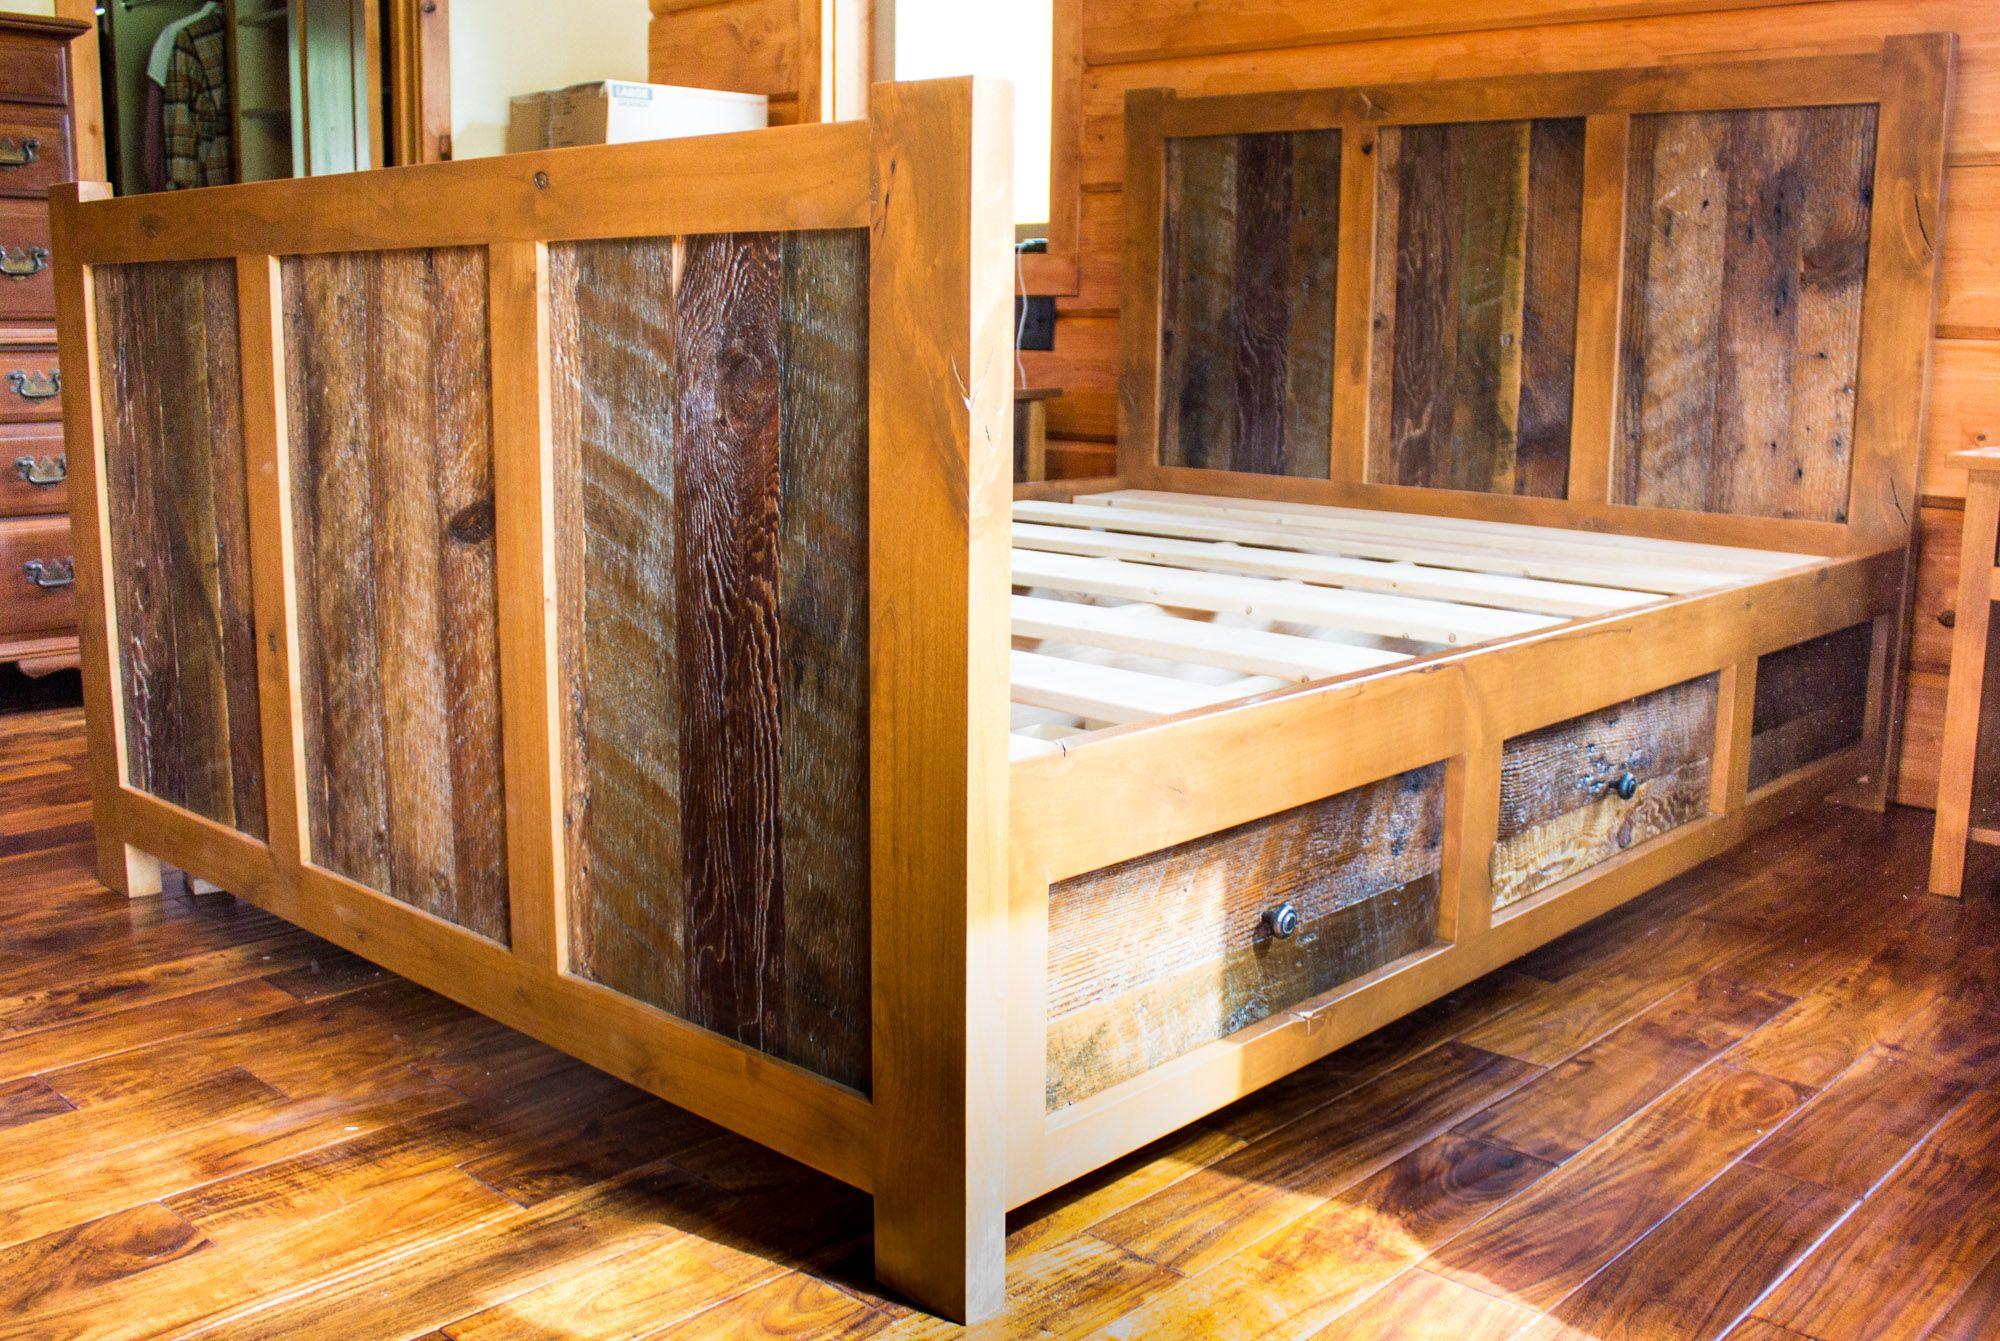 Handcrafted Custom Rustic Alder Barn Wood Queen Bed w